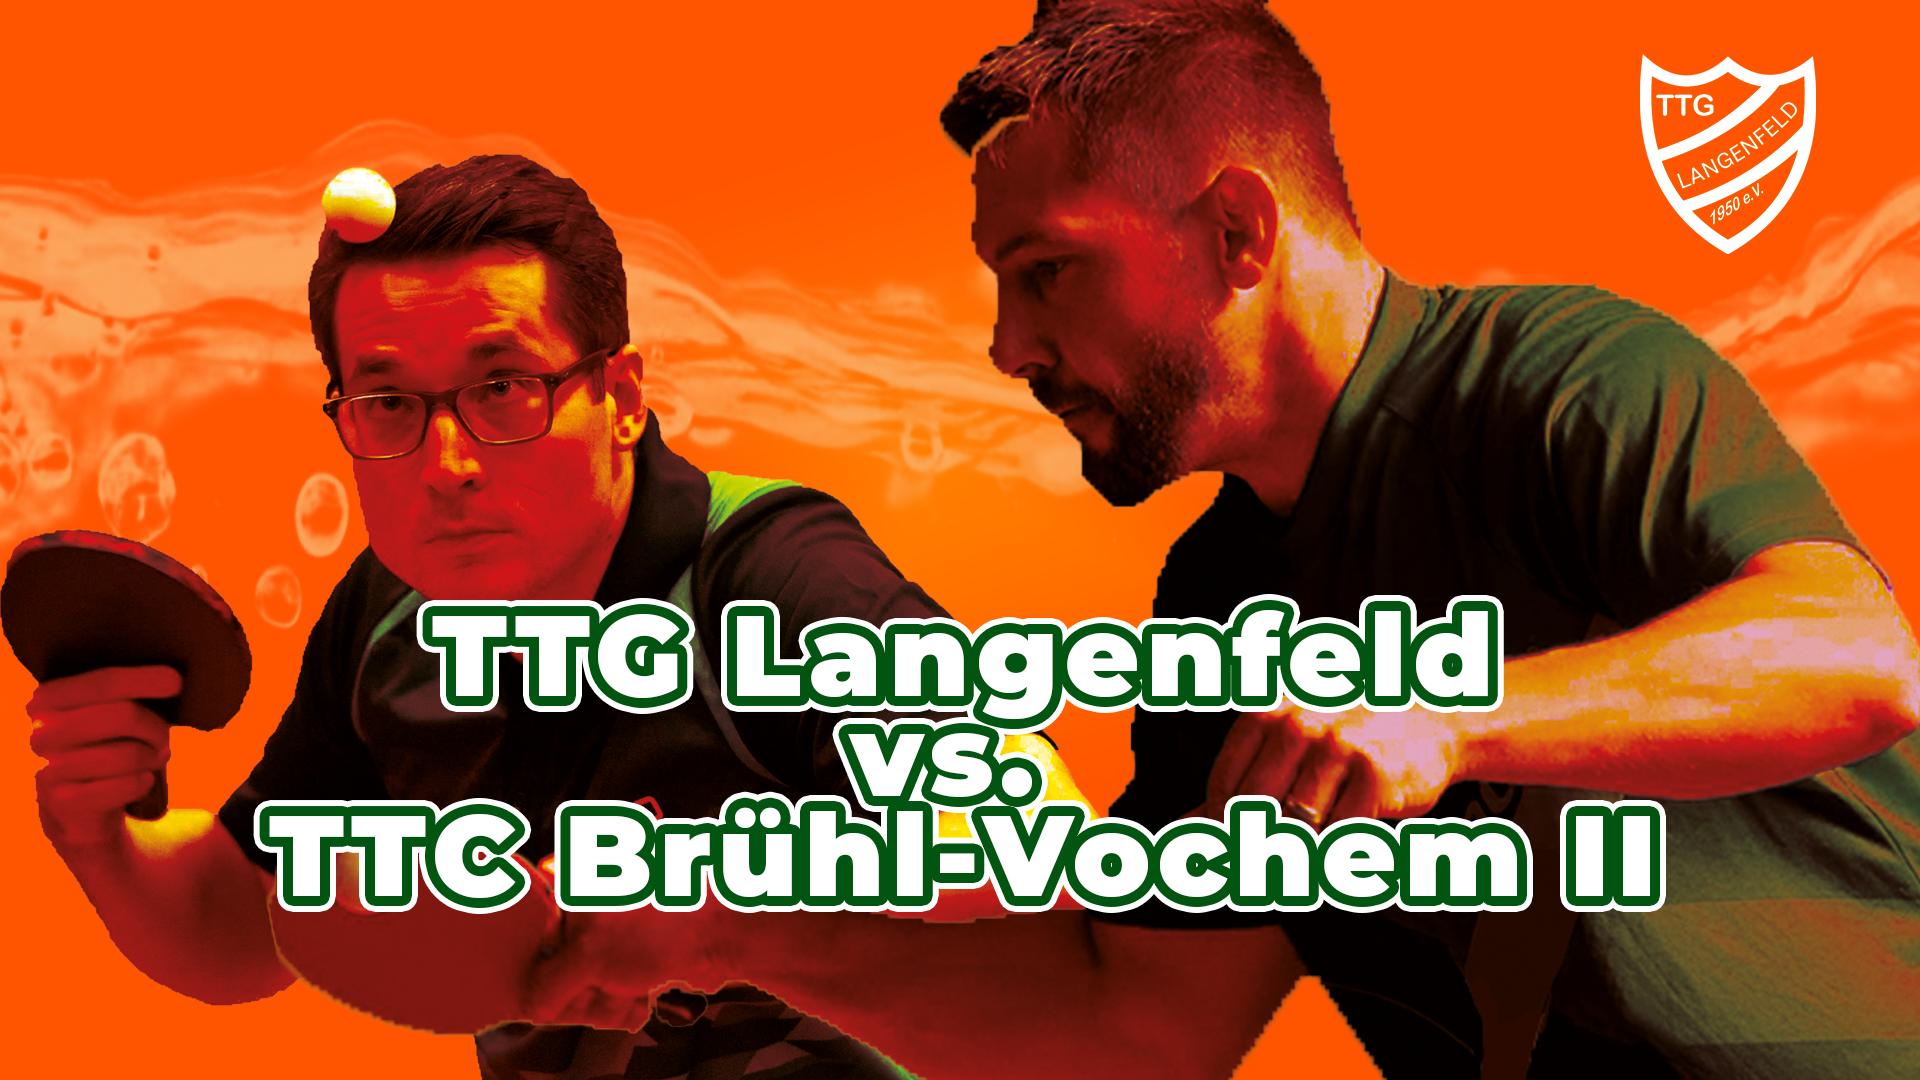 TTG vs. Brühl-Vochem